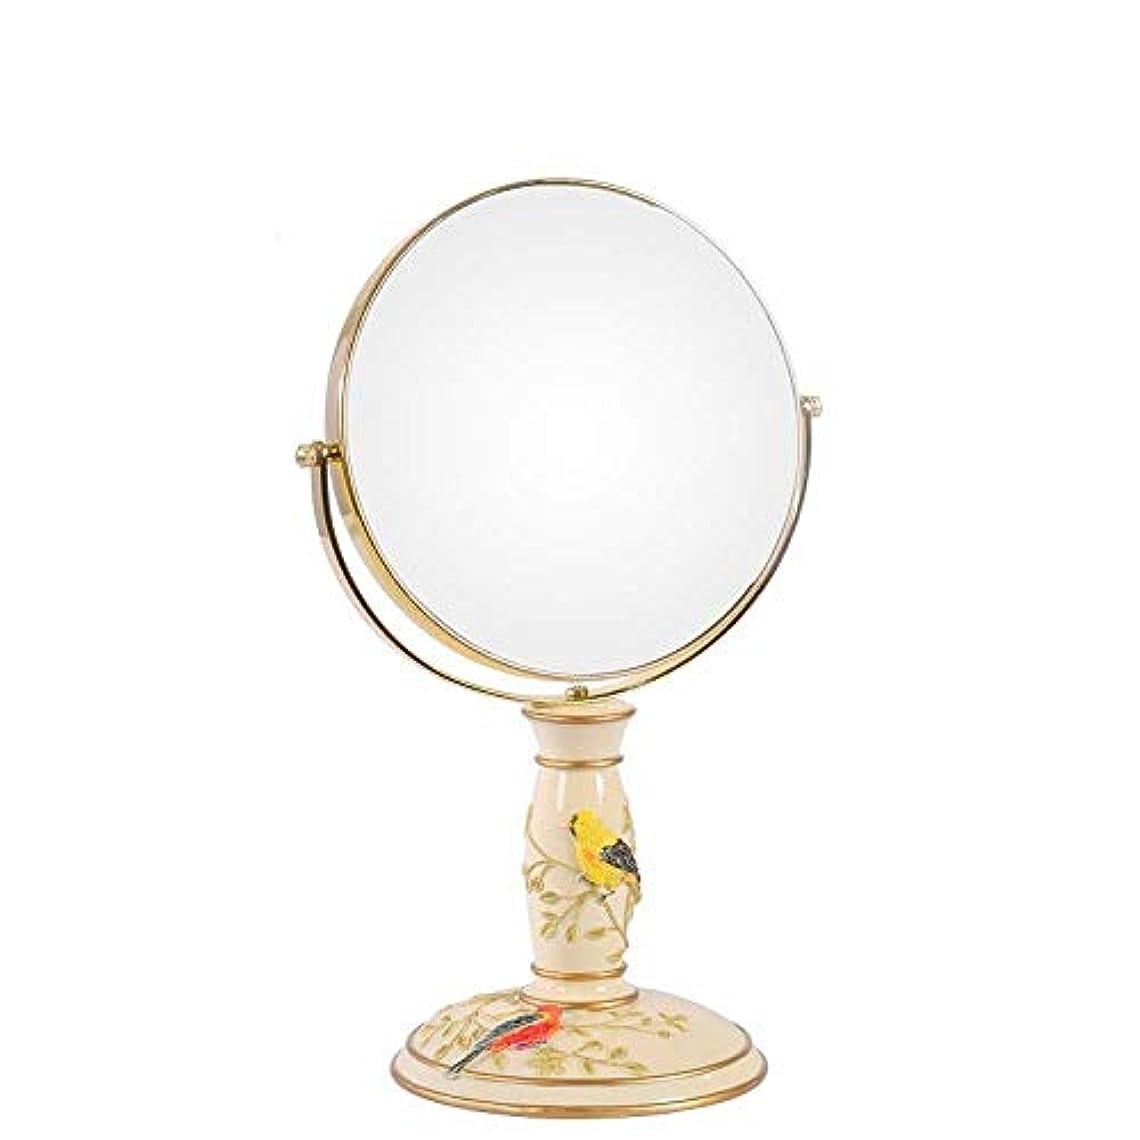 誓約カラス共和国流行の ビンテージ化粧鏡、鏡360°回転スタンド、倍率1倍、3倍、ラウンドダブル両面回転化粧鏡